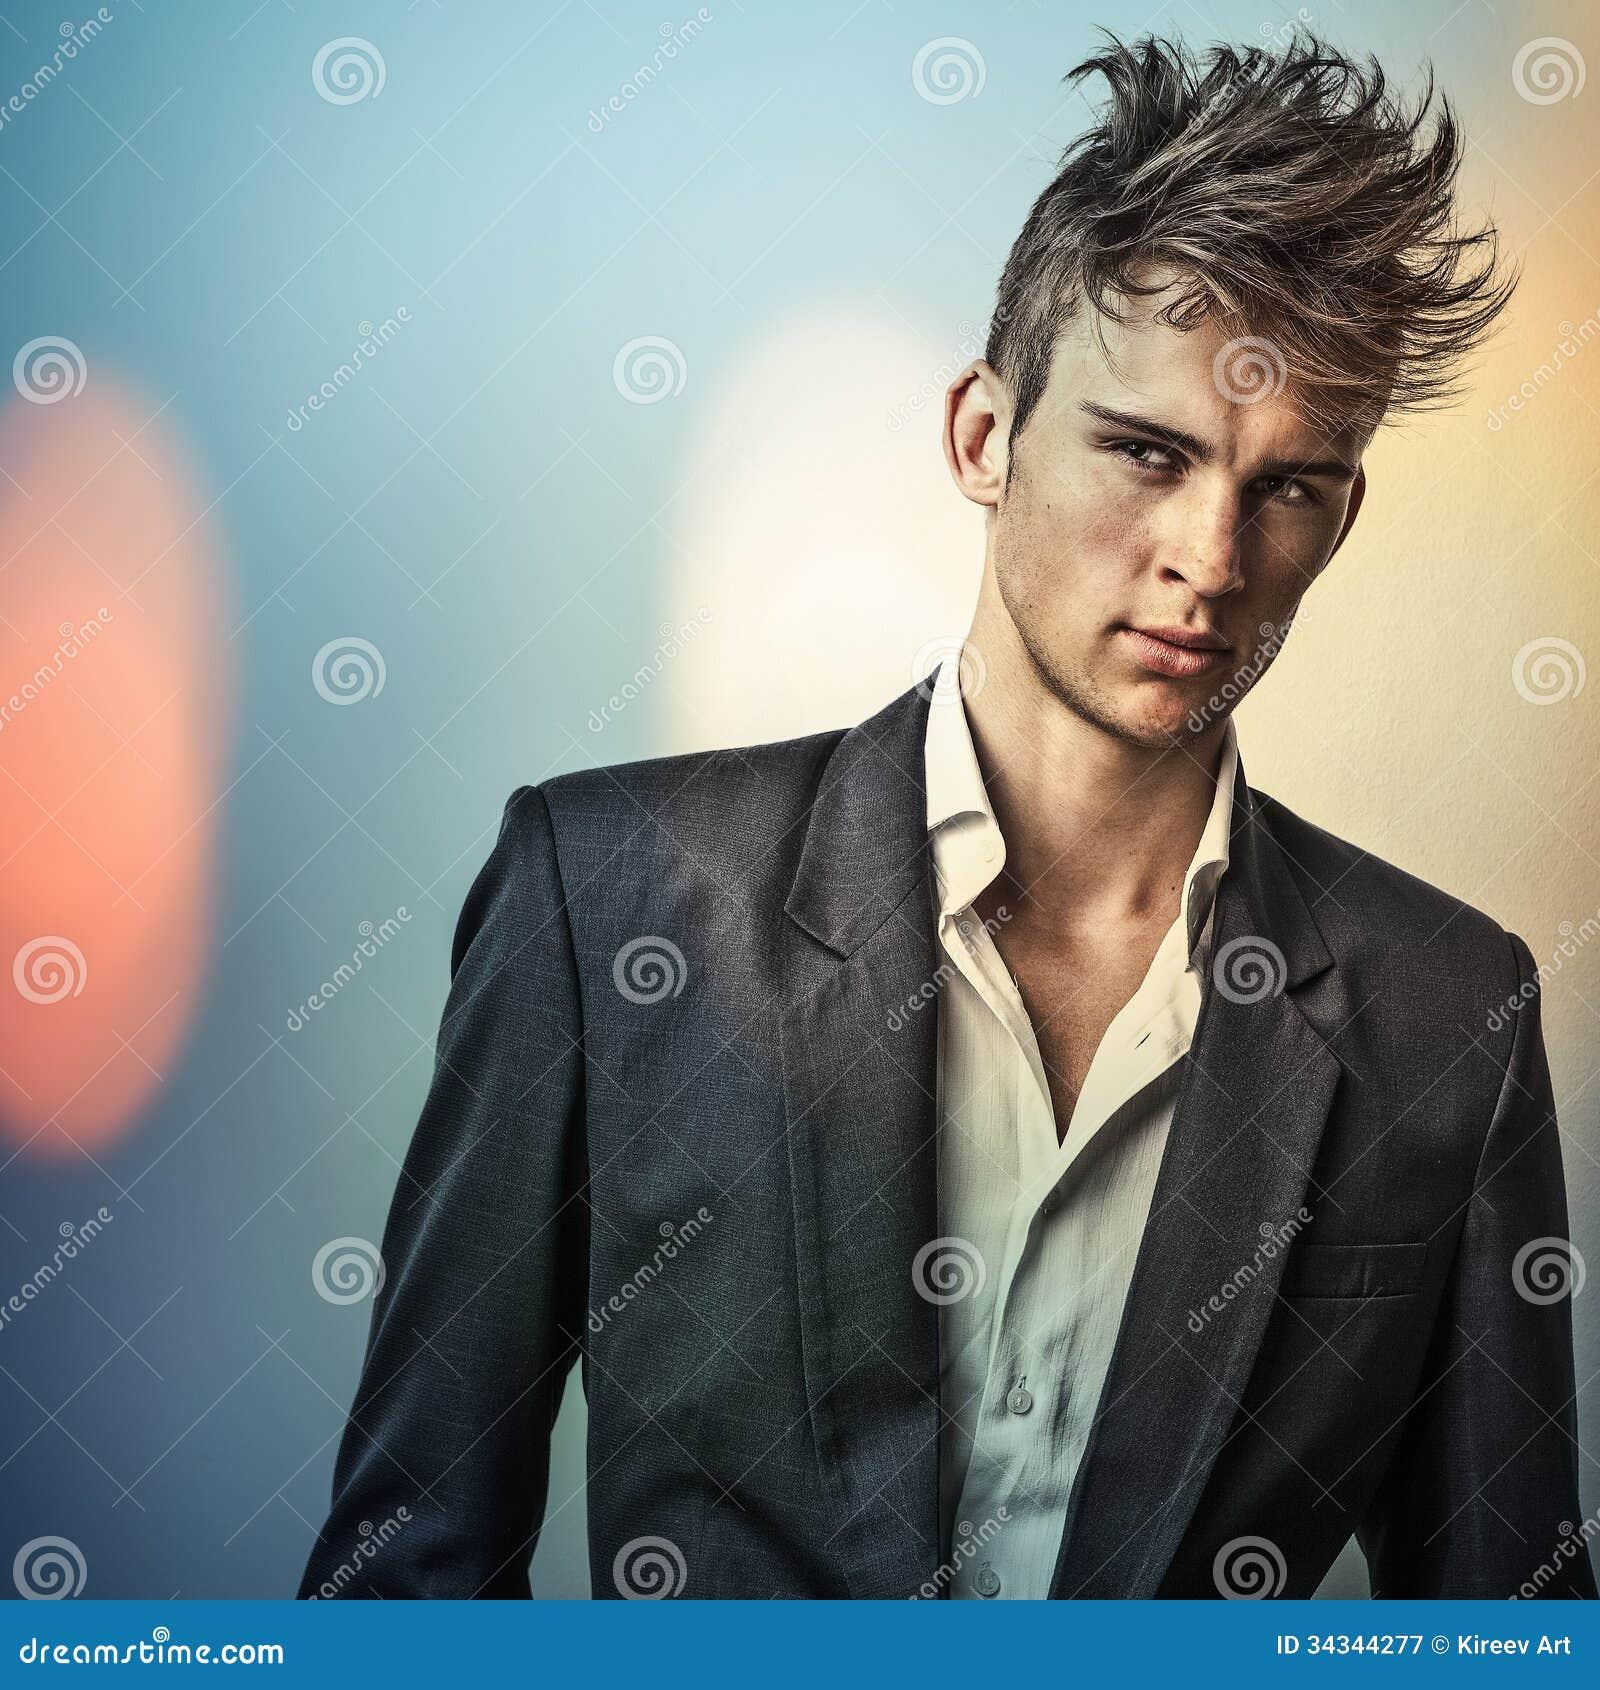 Jeune homme bel élégant. Colorez le portrait peint numérique d image du visage des hommes.